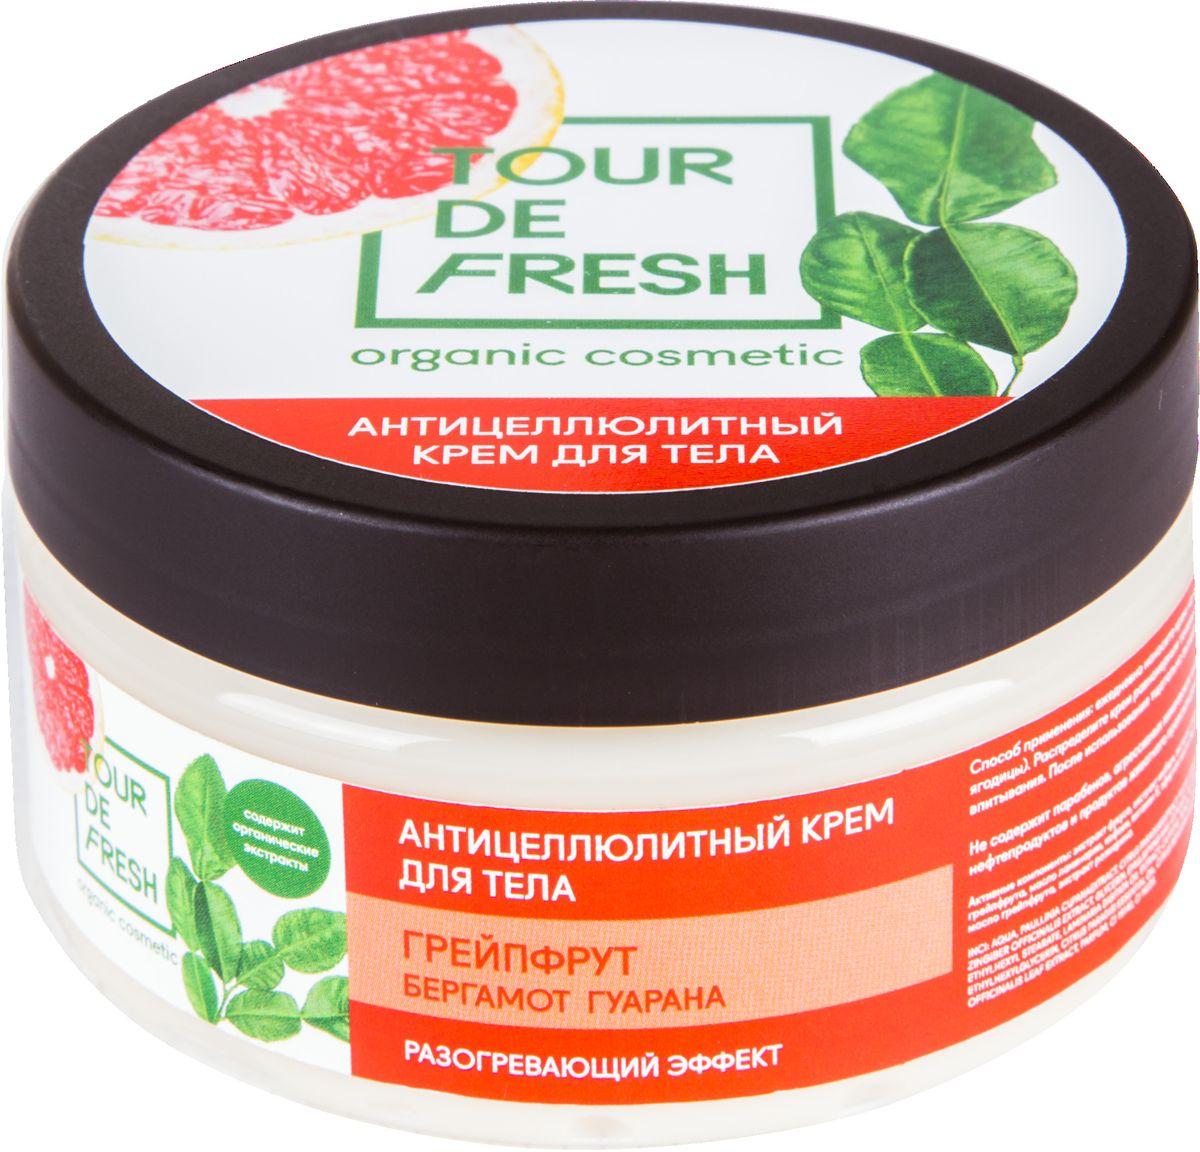 """Tour De Fresh Крем антицеллюлитный Бергамот, грейпфрут и гуарана, 200 млУФ000000012Антицеллюлитный крем, состоящий из натуральных природных компонентов, оказывает комплексное воздействие на проблемные участки кожи. Масло грейпфрута расщепляет жировые отложения, уменьшая проявления """"апельсиновой корки"""". Экстракт гуараны способствует выведению из организма вредных токсинов за счет улучшения микроциркуляции."""